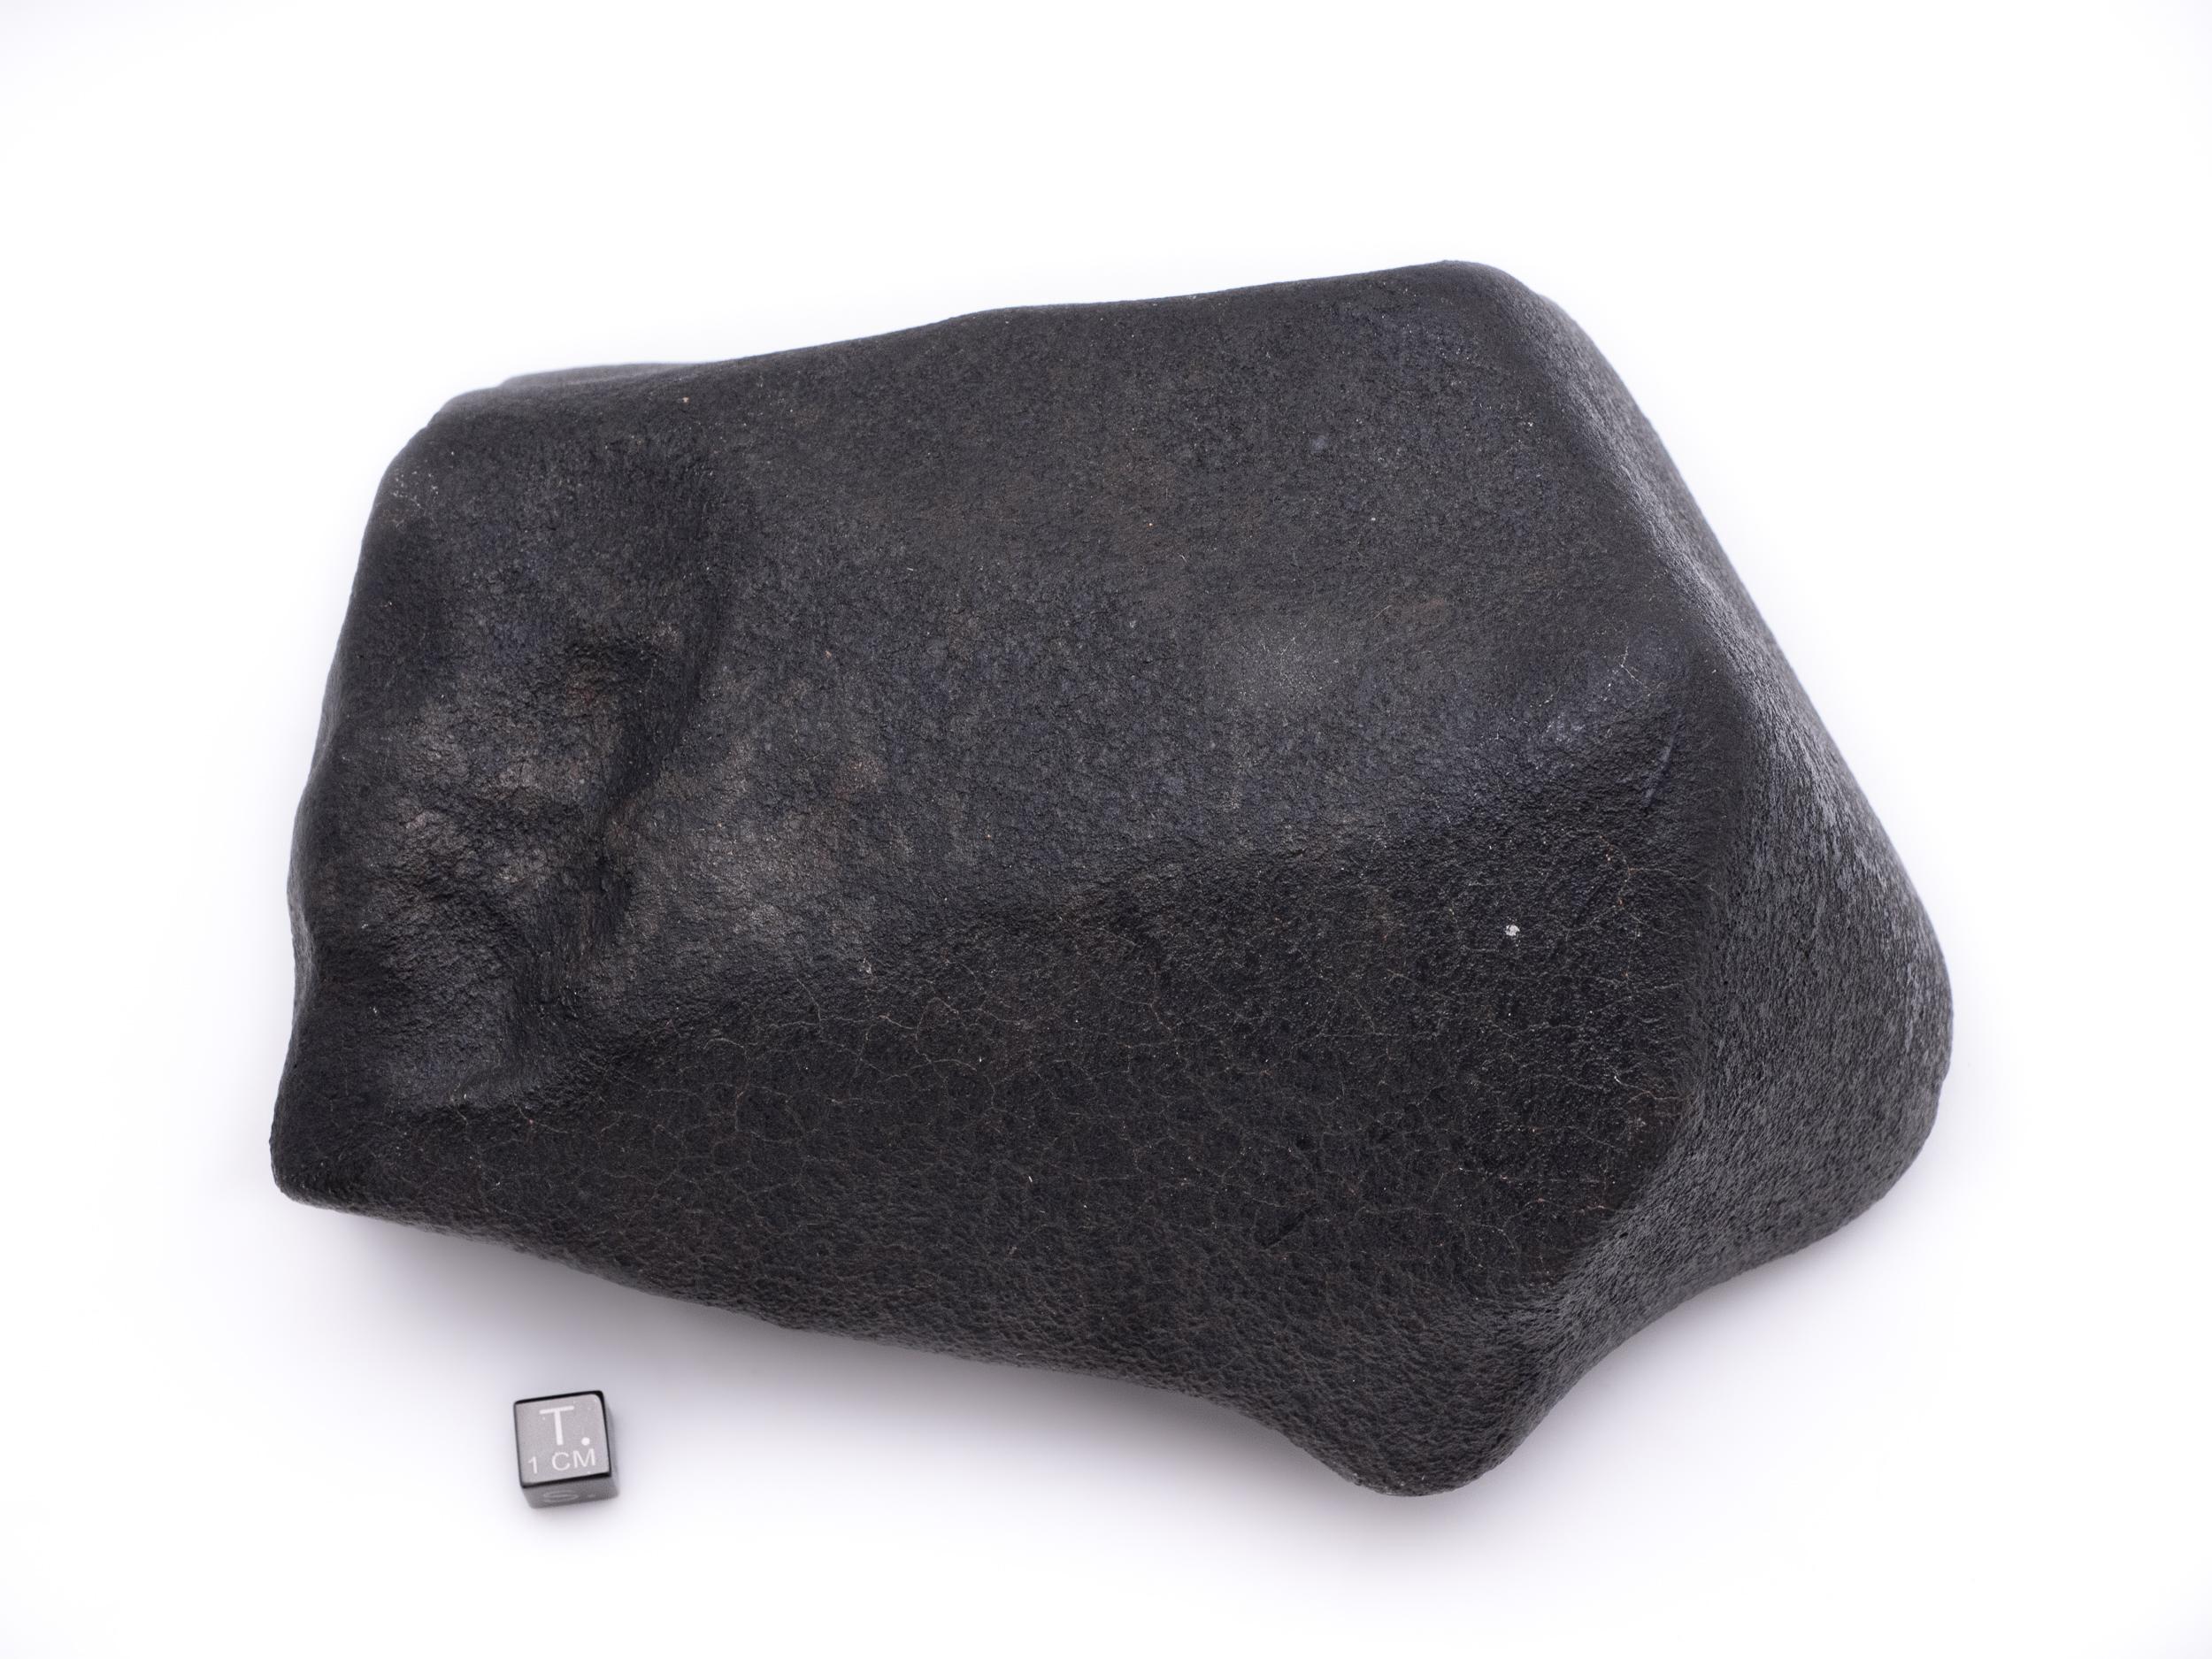 stone meteorite chondrite